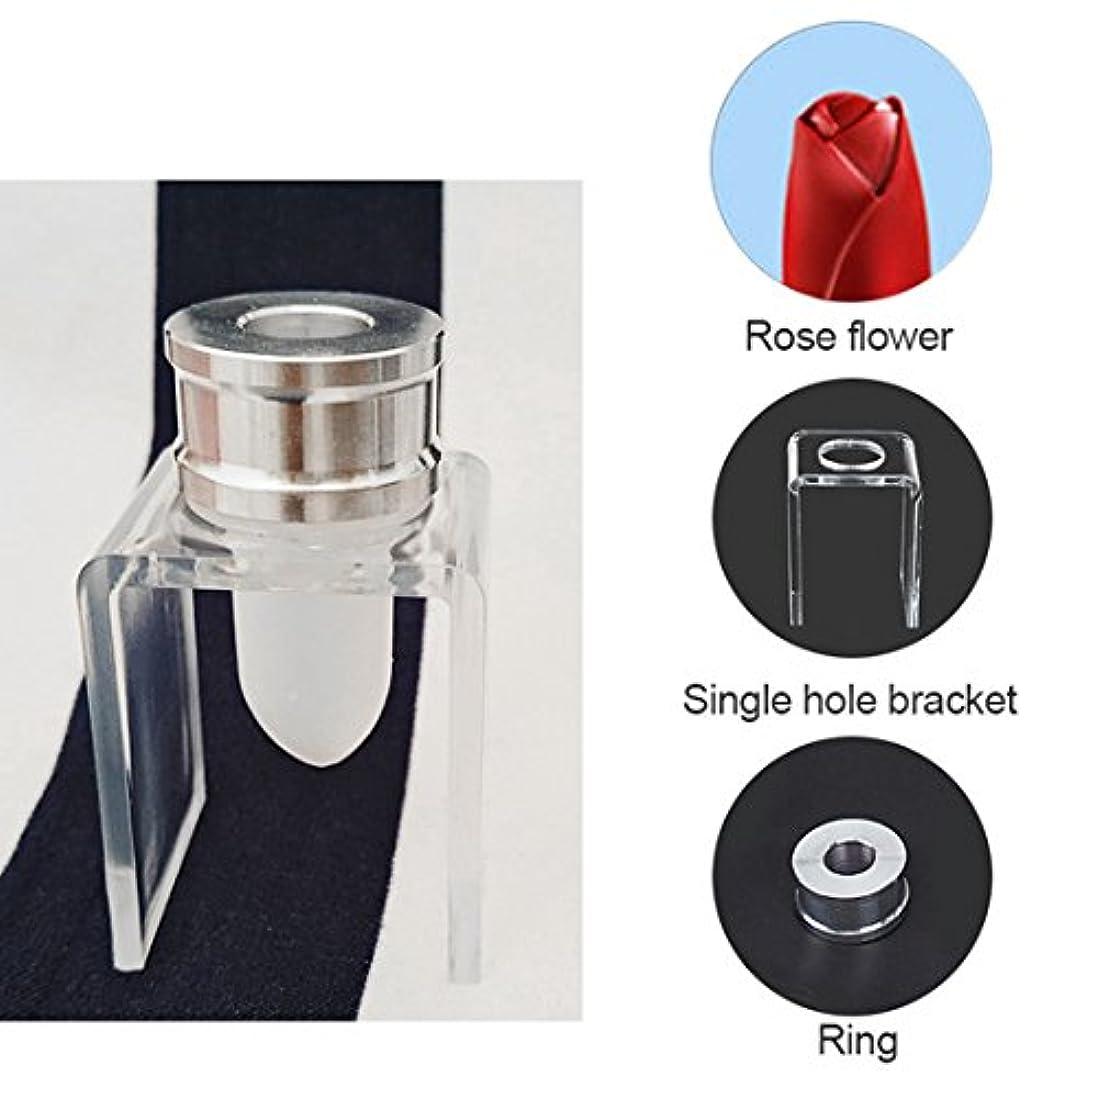 頂点レポートを書くポケットSODIAL 3セット DIY 12.1mm シンプルな口紅の充填チューブ シリコーン金型 アルミリング シングルホールブラケット 手作りの口紅ツール シンプルなセット バラ